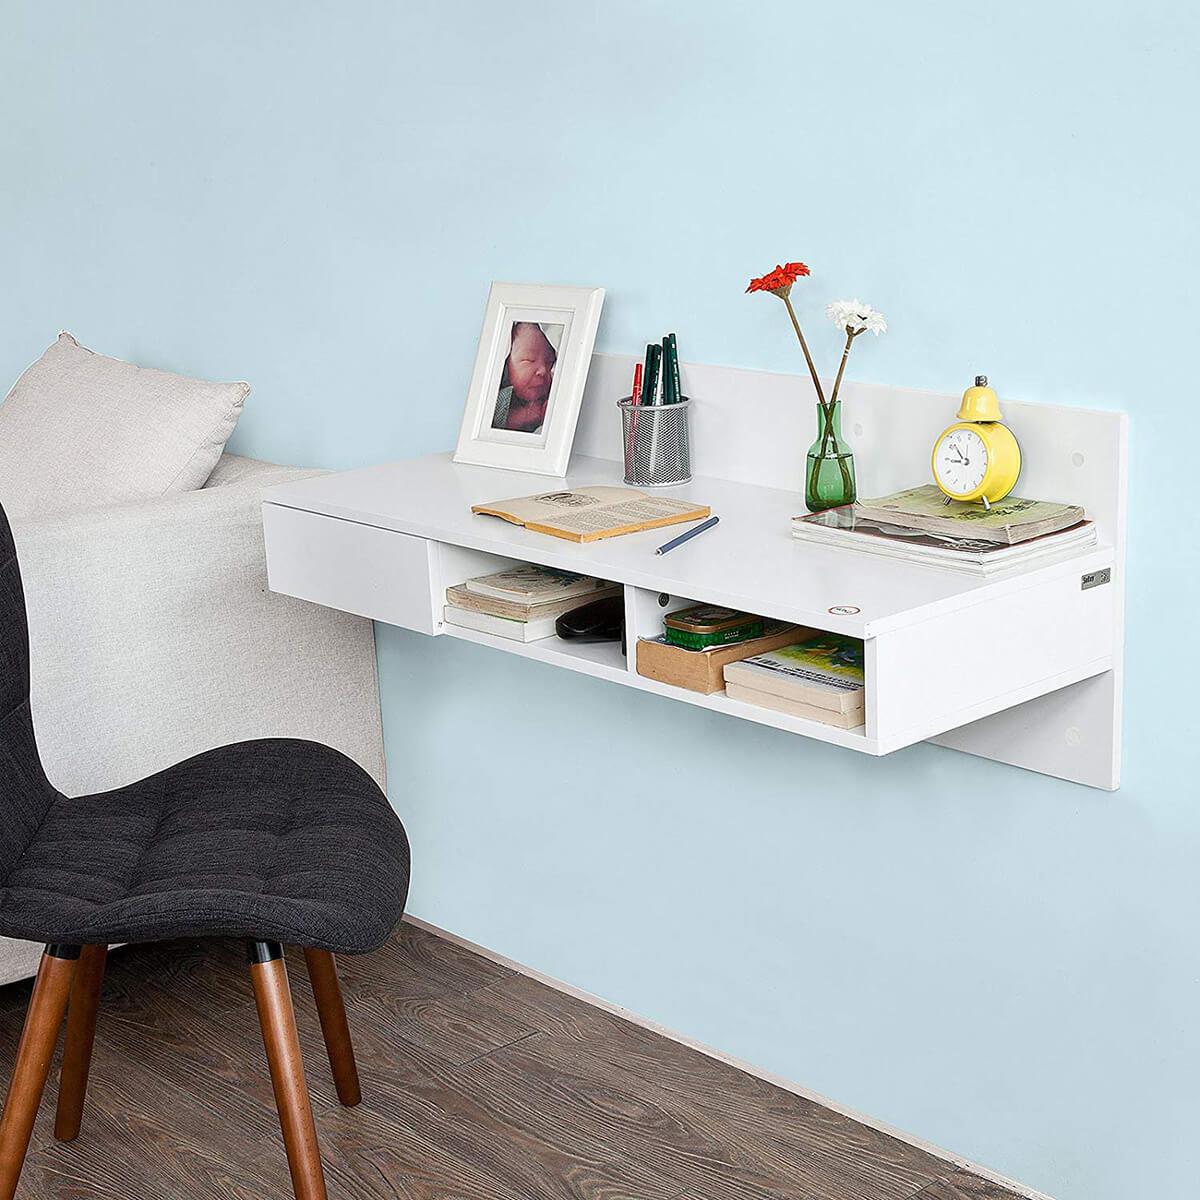 Настенный стол фото 18